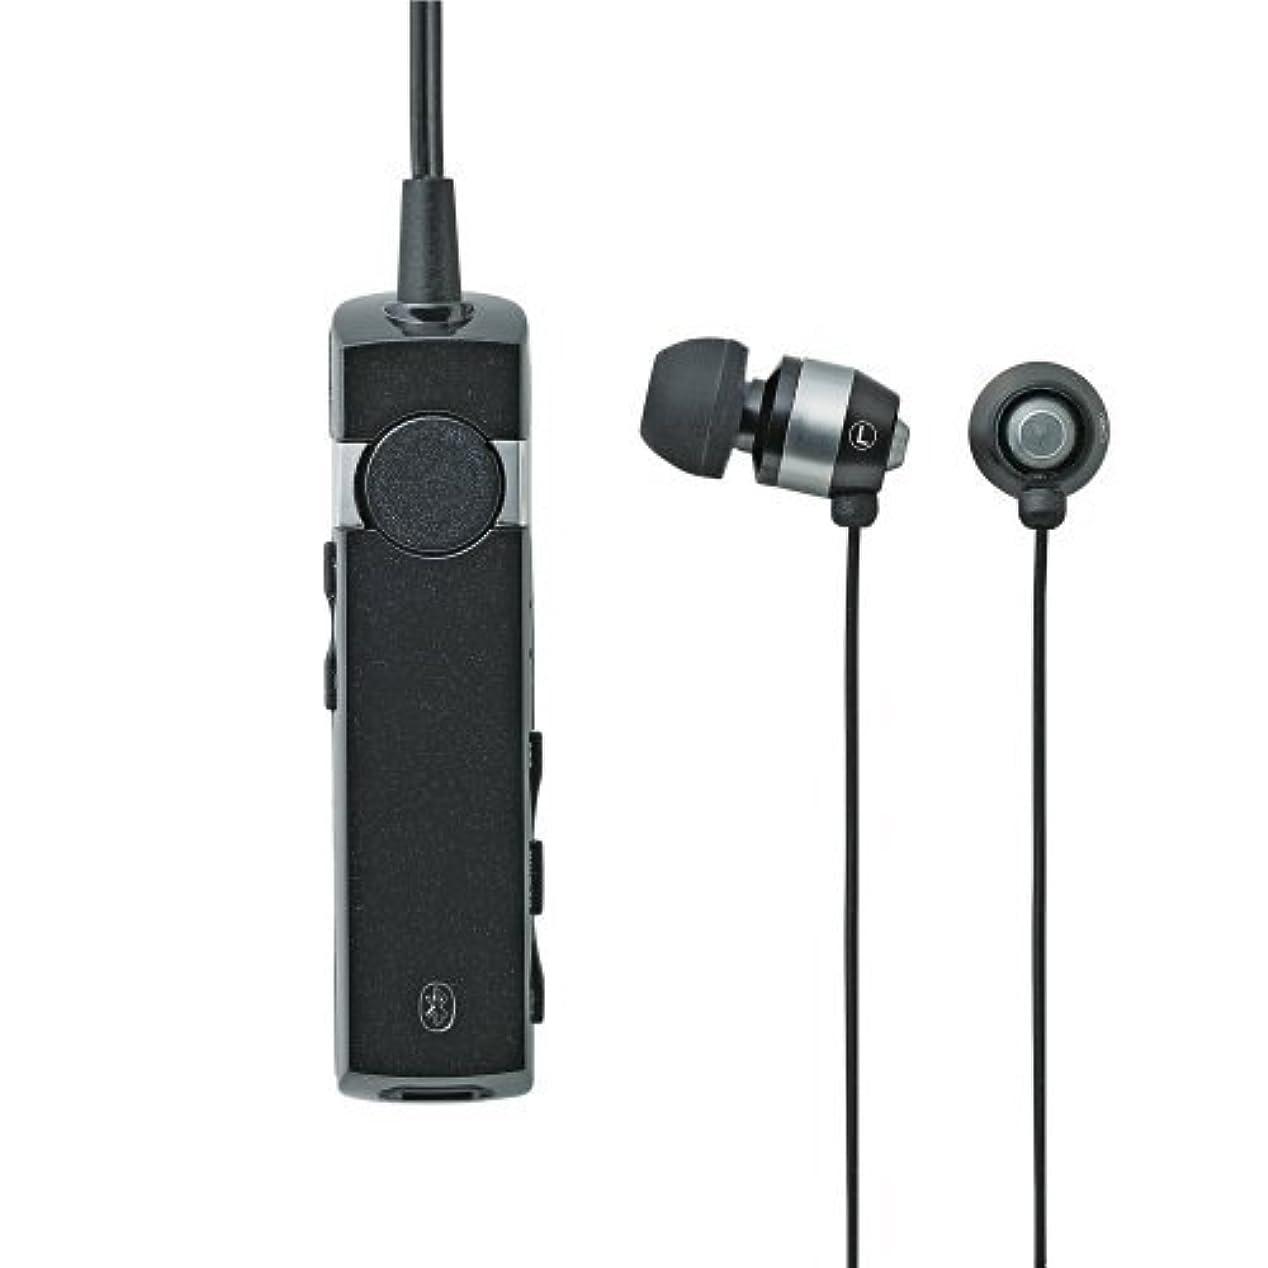 威信火炎金銭的なLogitec iPhone5/4S/4/3GS/3G スマートフォン対応 Bluetooth+EDR対応 ワイヤレスイヤホン HP300シリーズ ブラック LBT-AVHP300BK